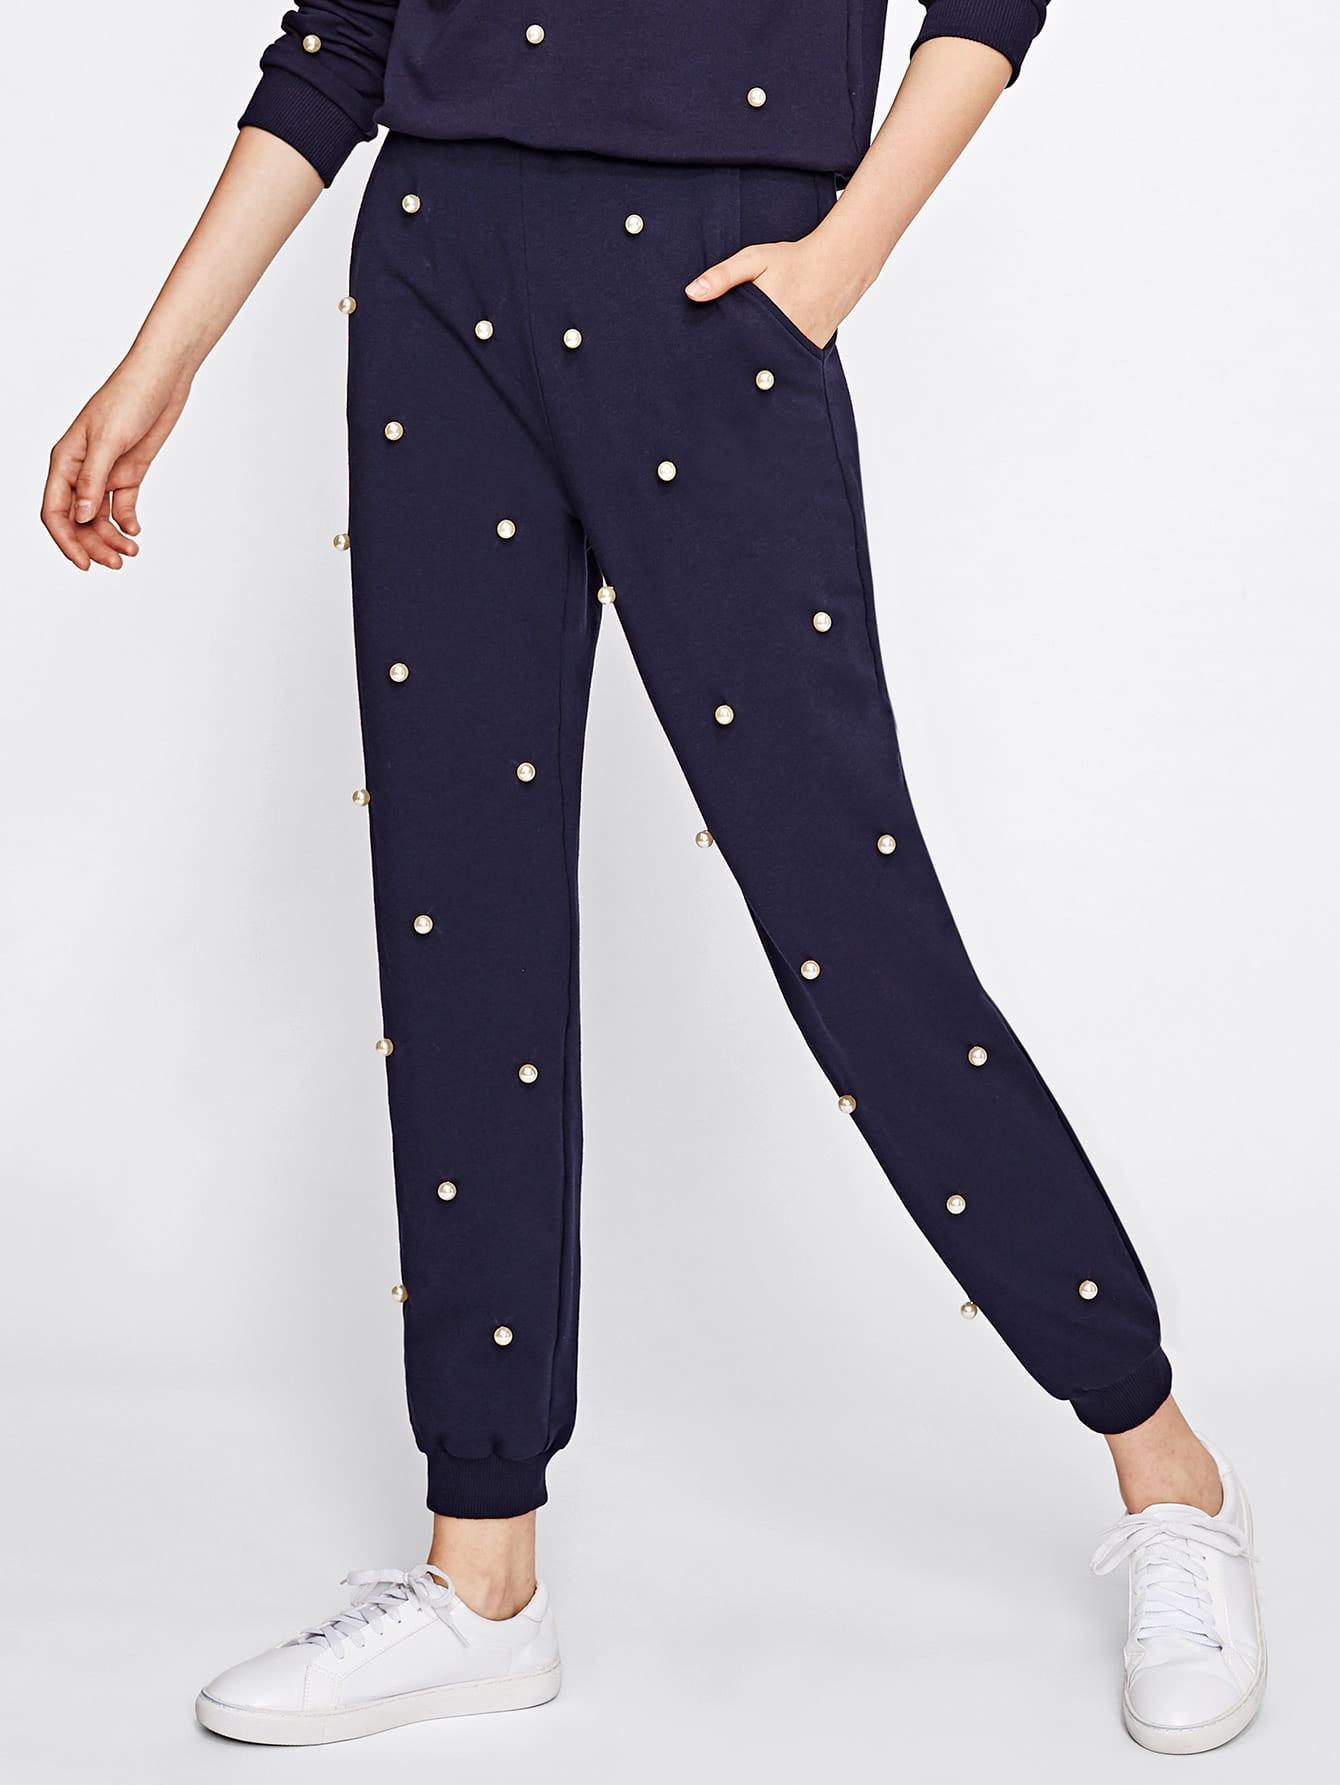 Купить Модные брюки с бусинами, Soniaa, SheIn